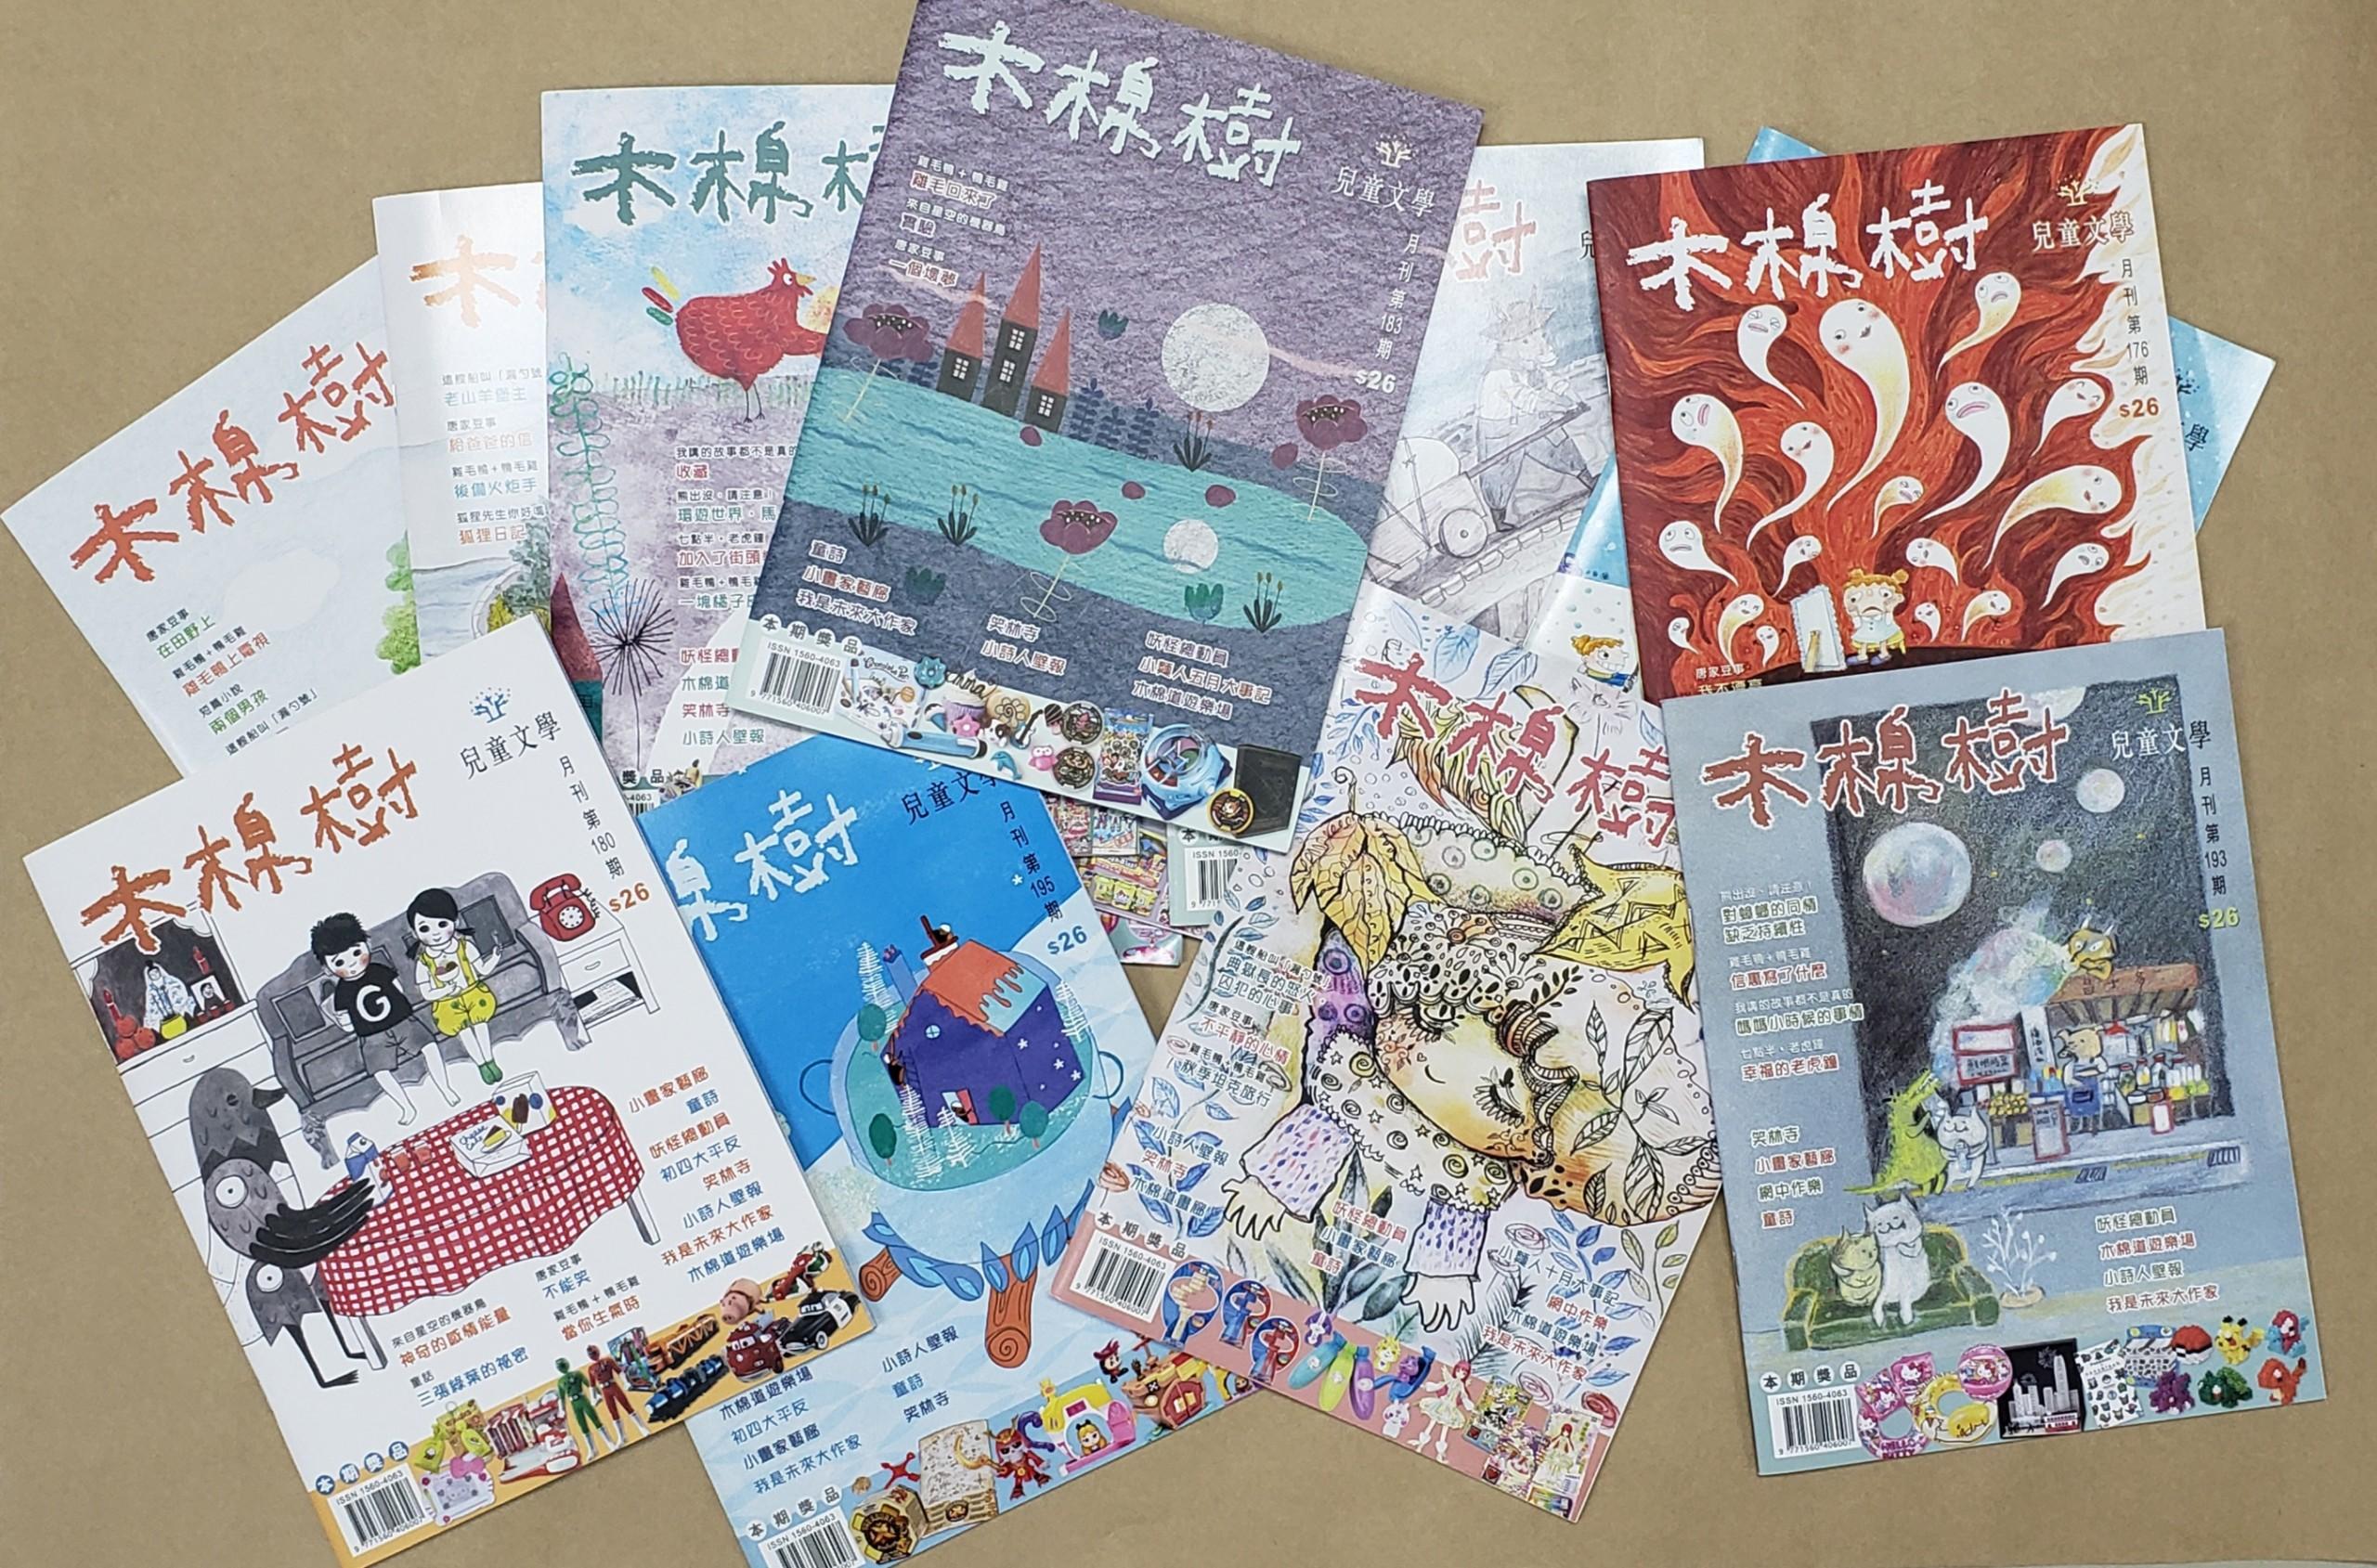 小讀者活動 【木棉花開花落:一期雜誌的誕生,一本雜誌的終結】